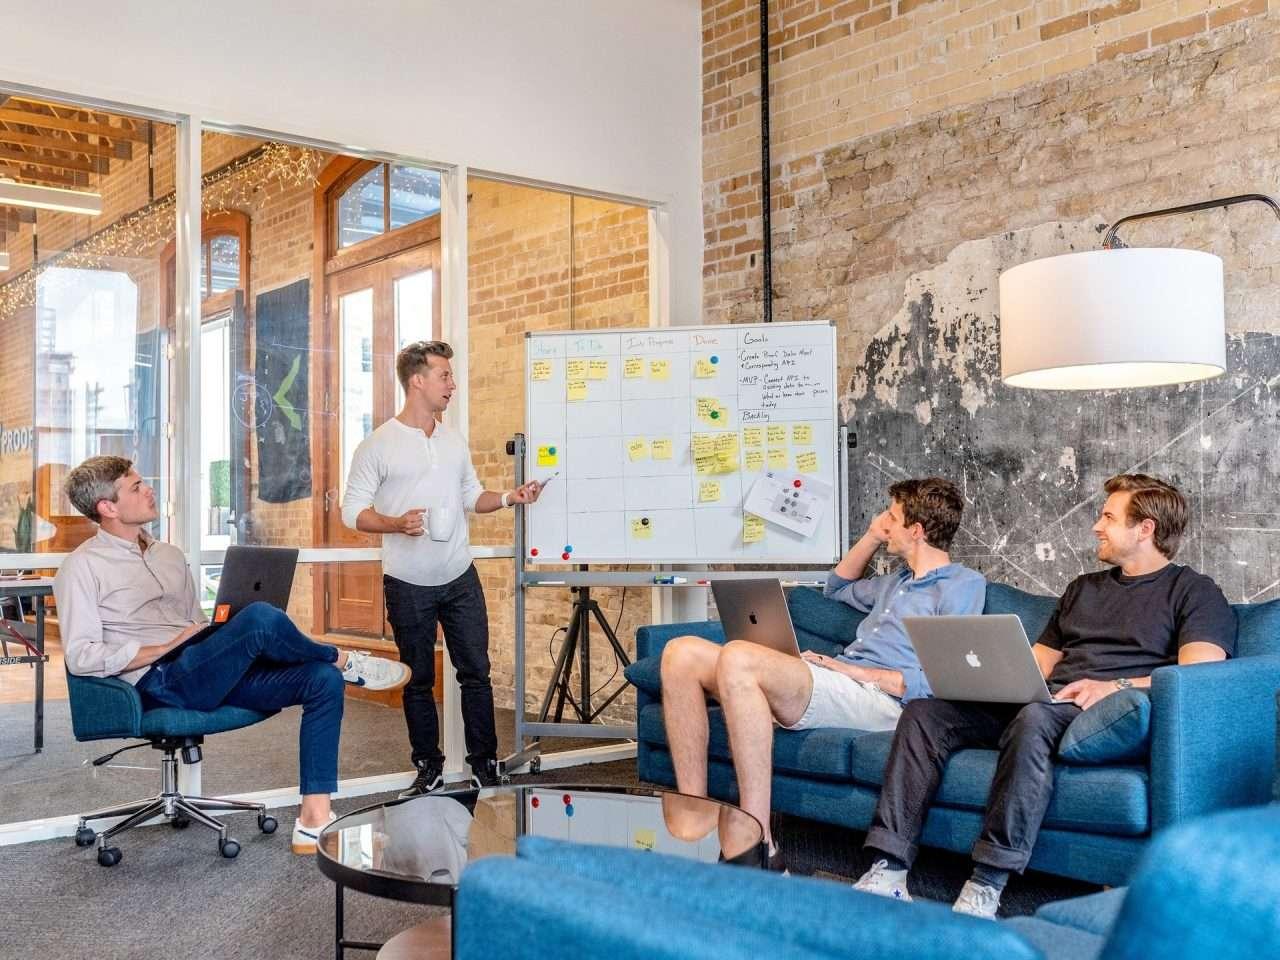 Comment est-ce que les entreprises disruptives gèrent-elles les changements?